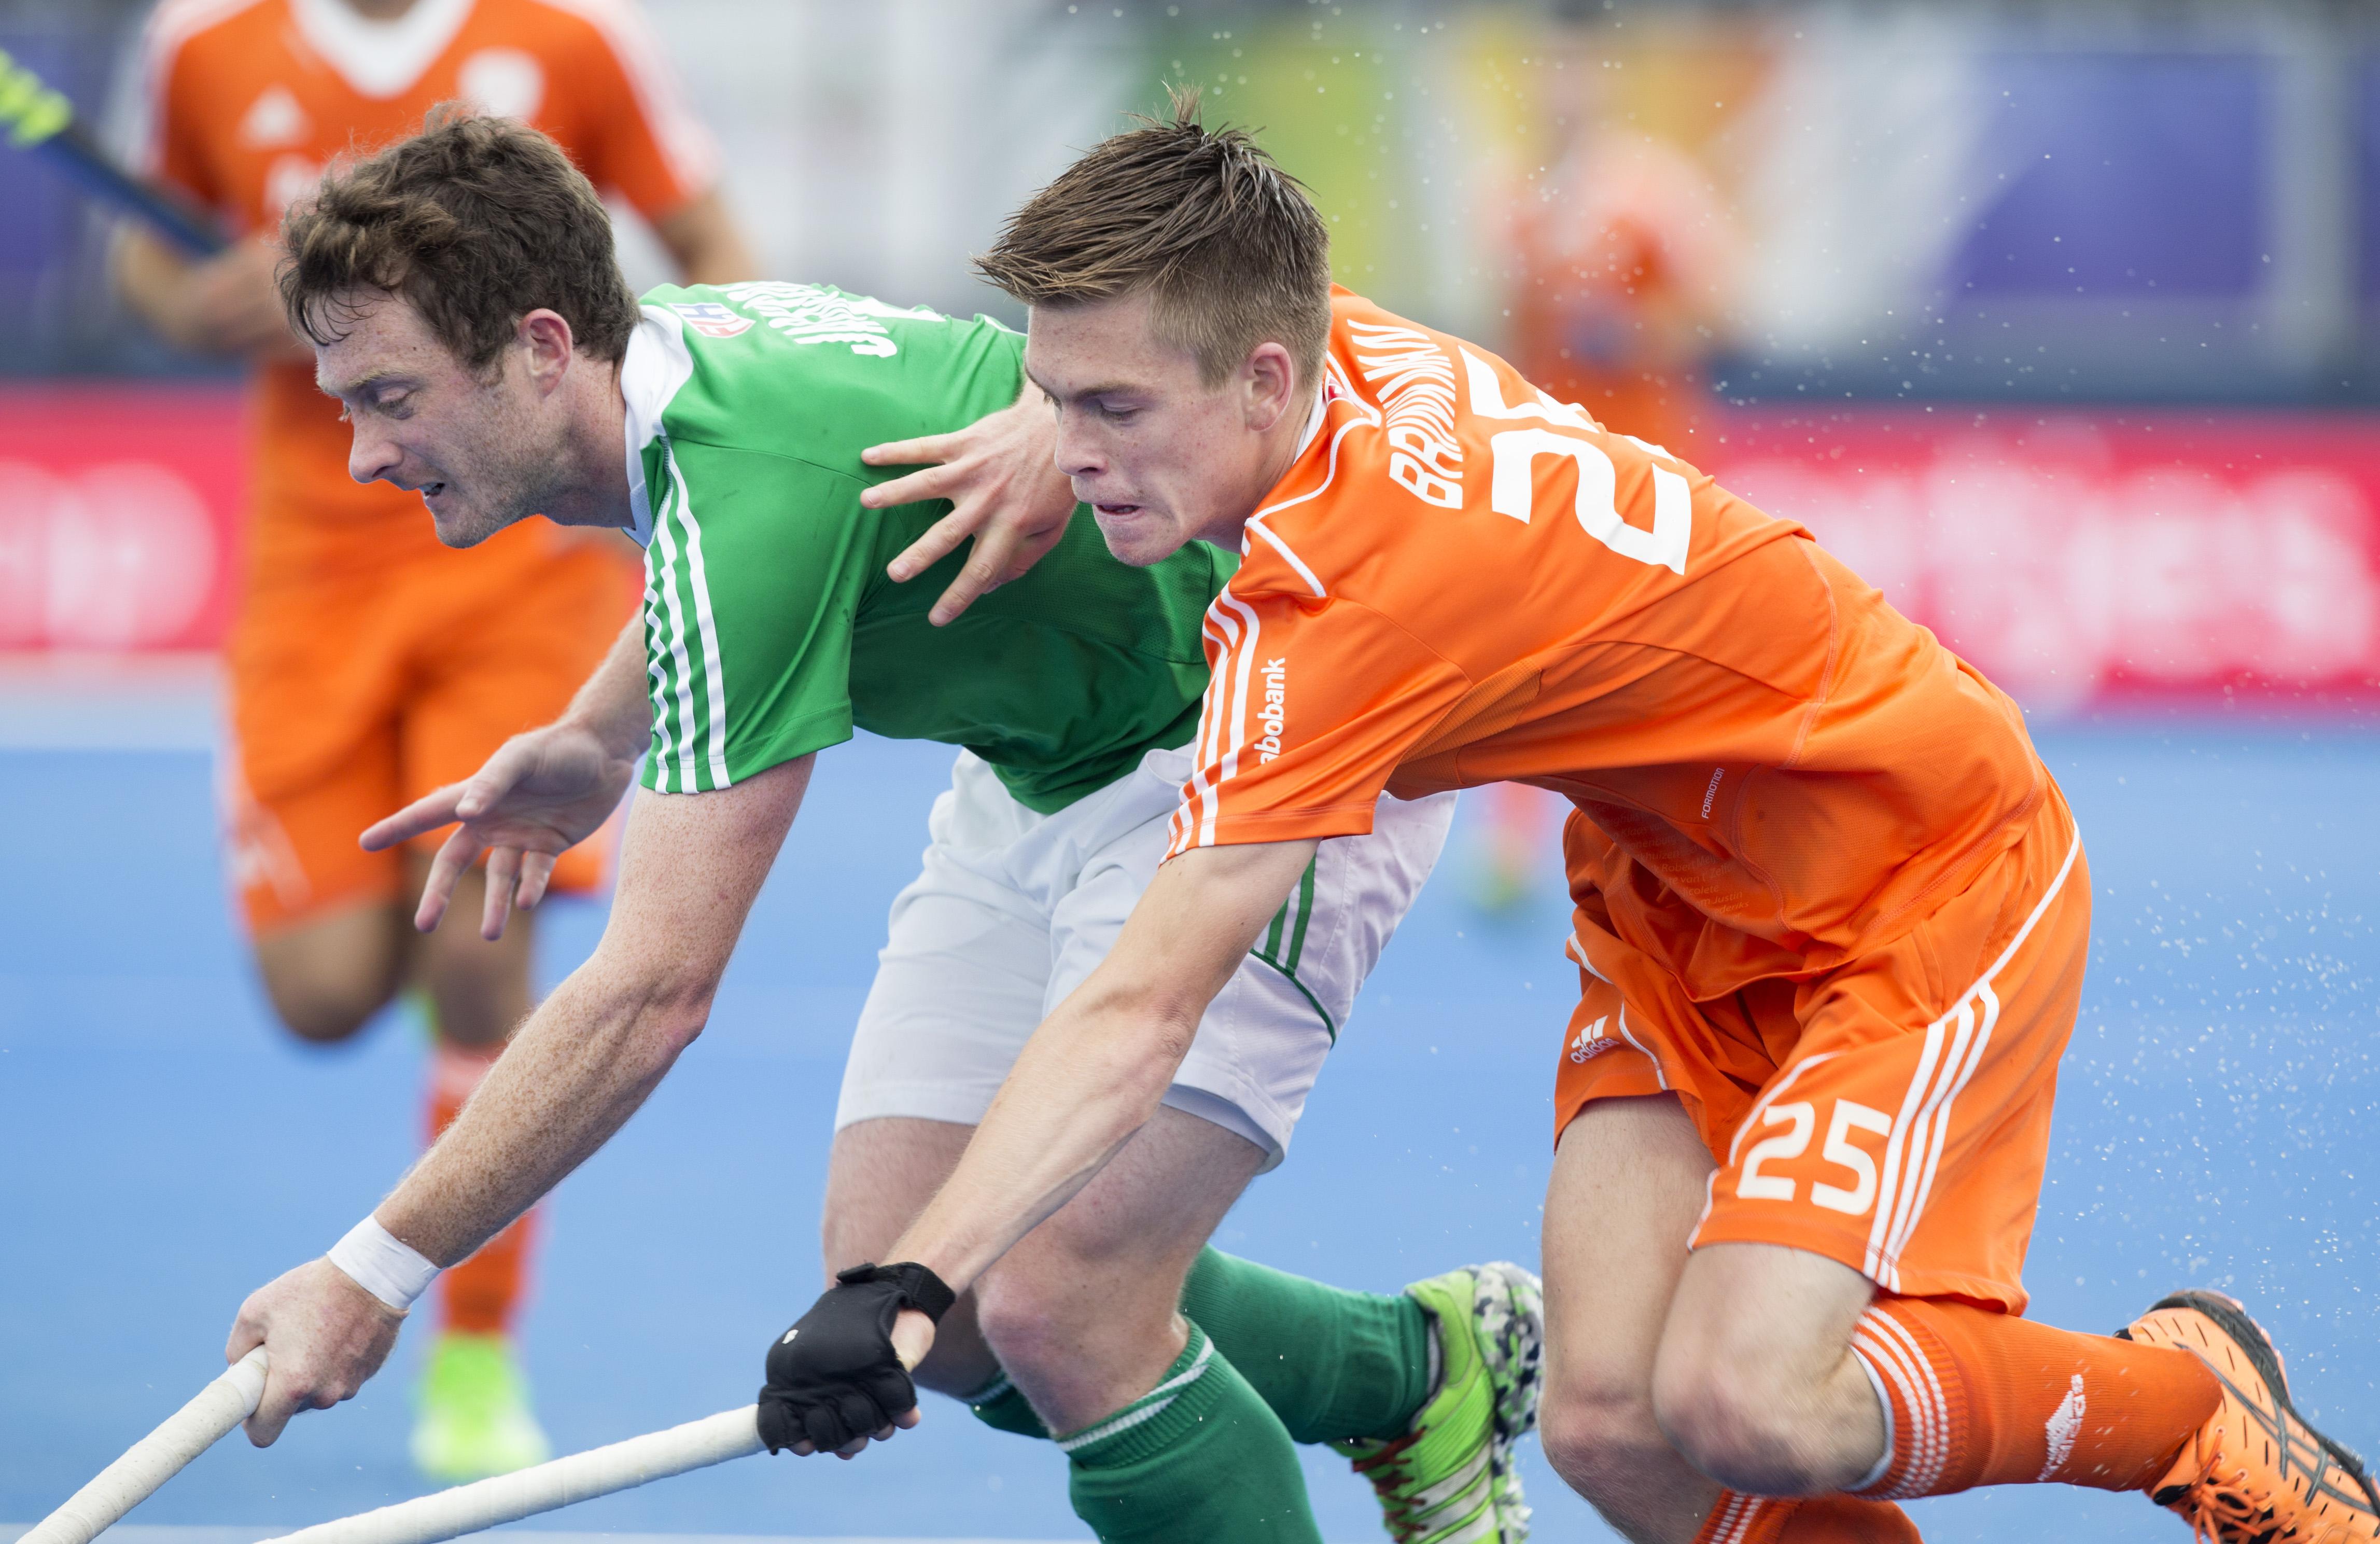 LONDEN - Thierry Brinkman met de Ier John Jackson (l) tijdens de halve finale tussen de mannen van Nederland en Ierland bij het Europees Kampioenschap hockey in Londen. ANP KOEN SUYK